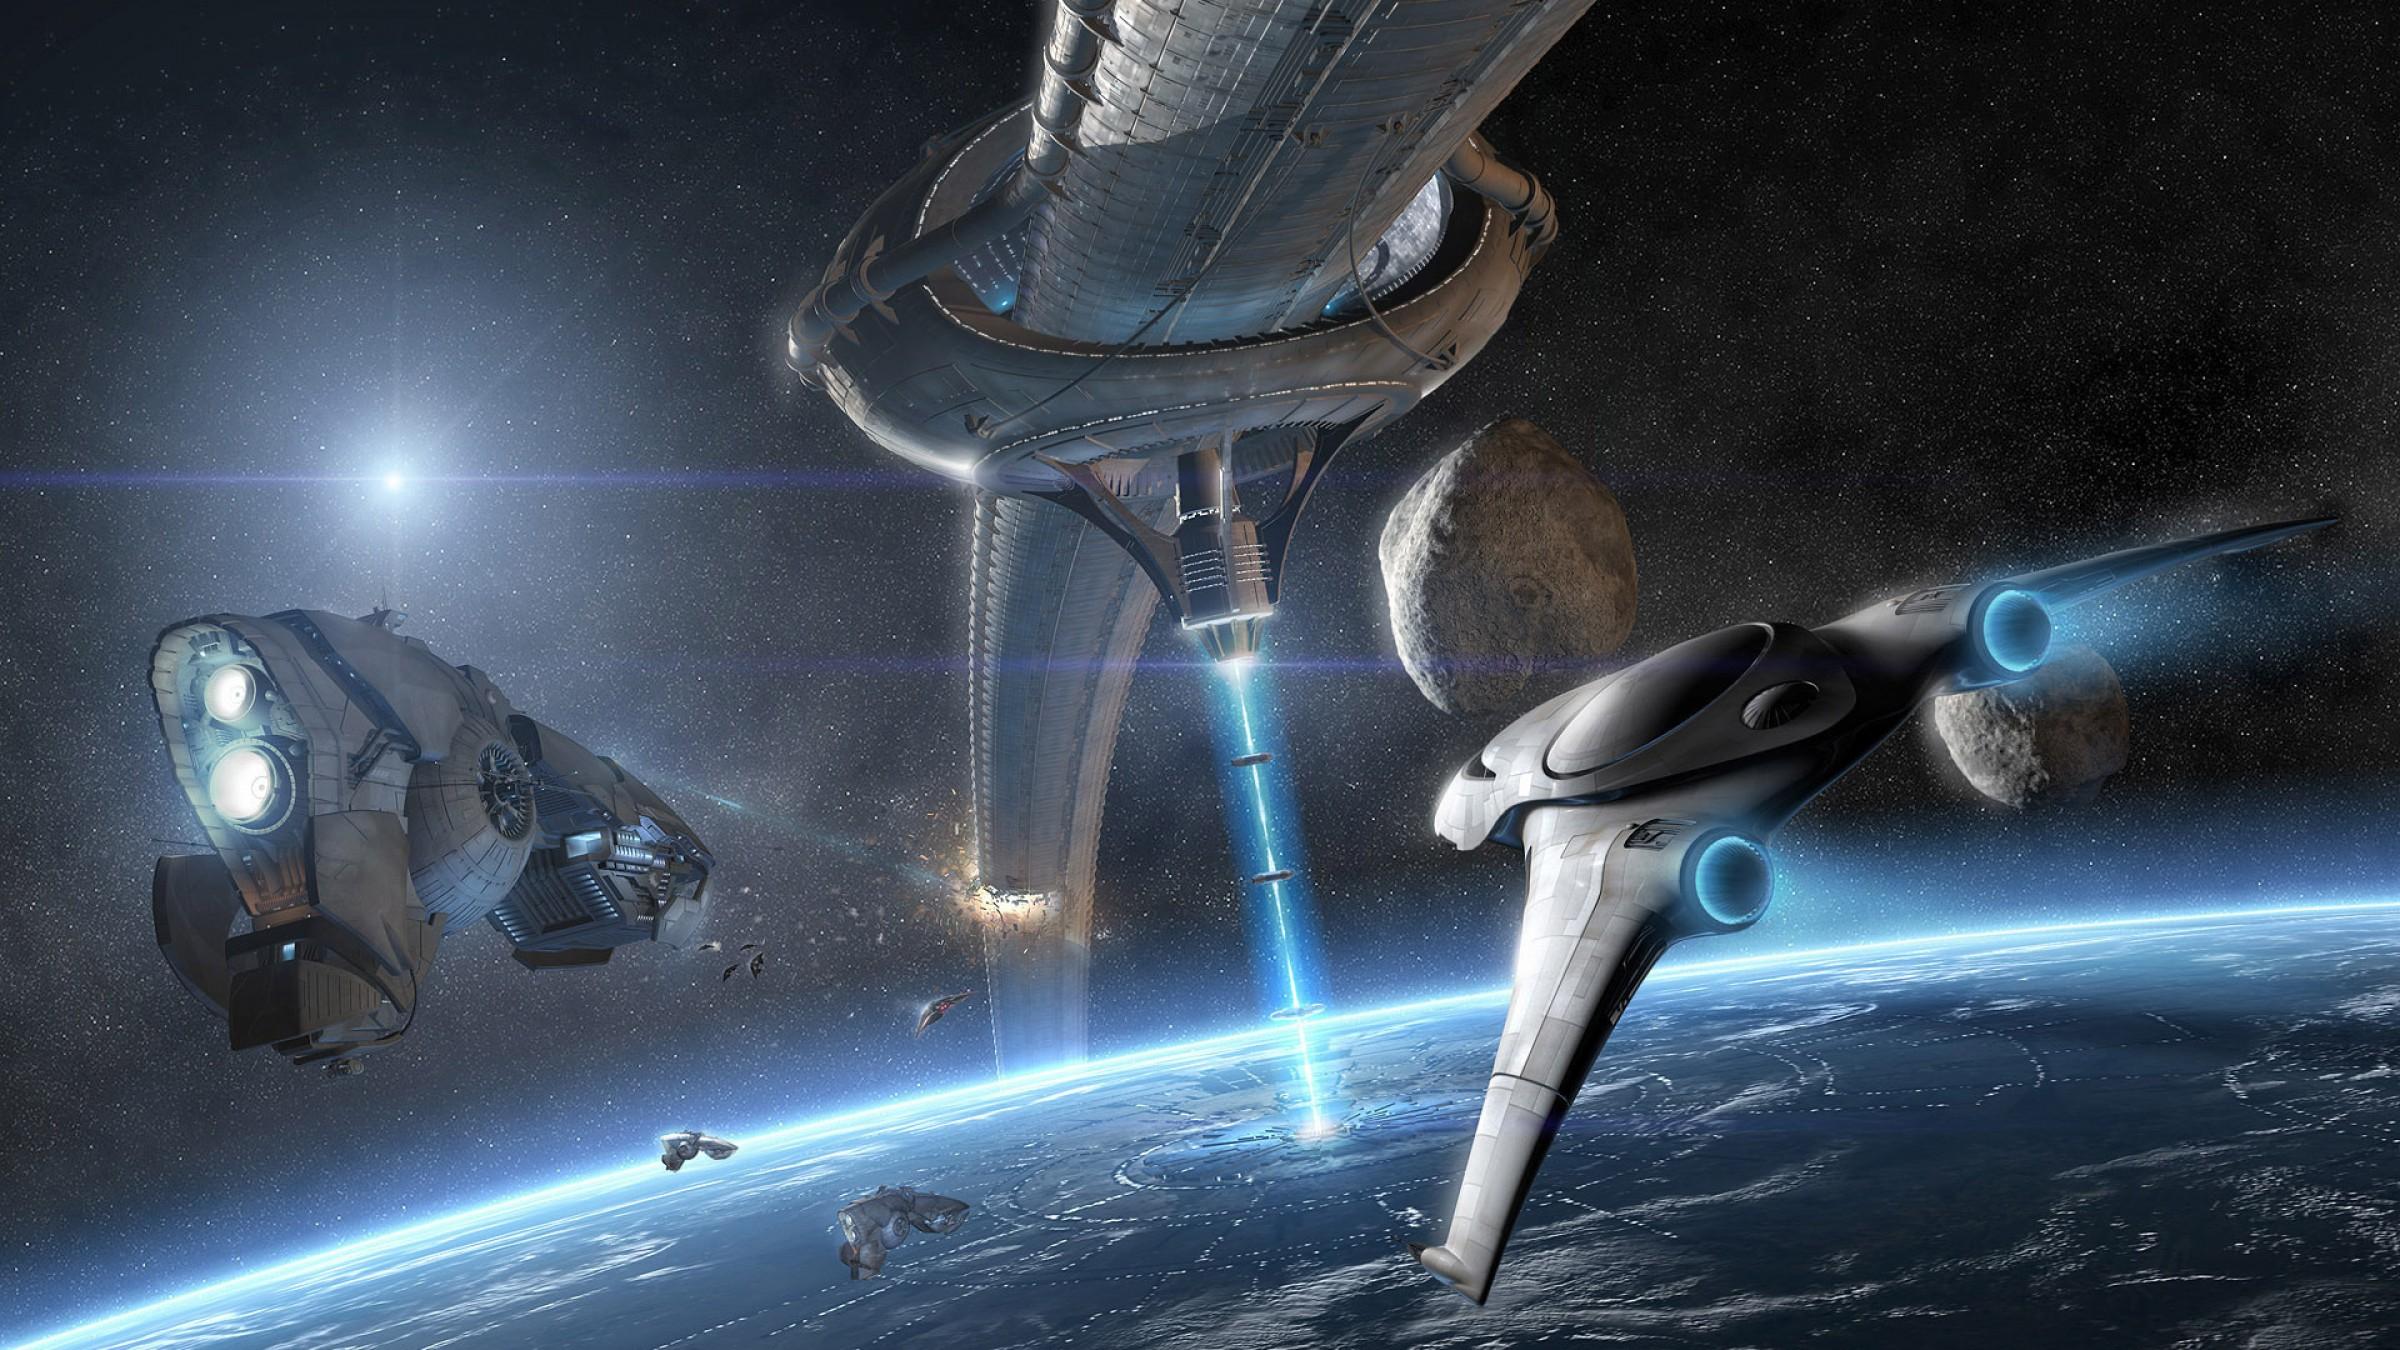 bilimkurgu-space-opera